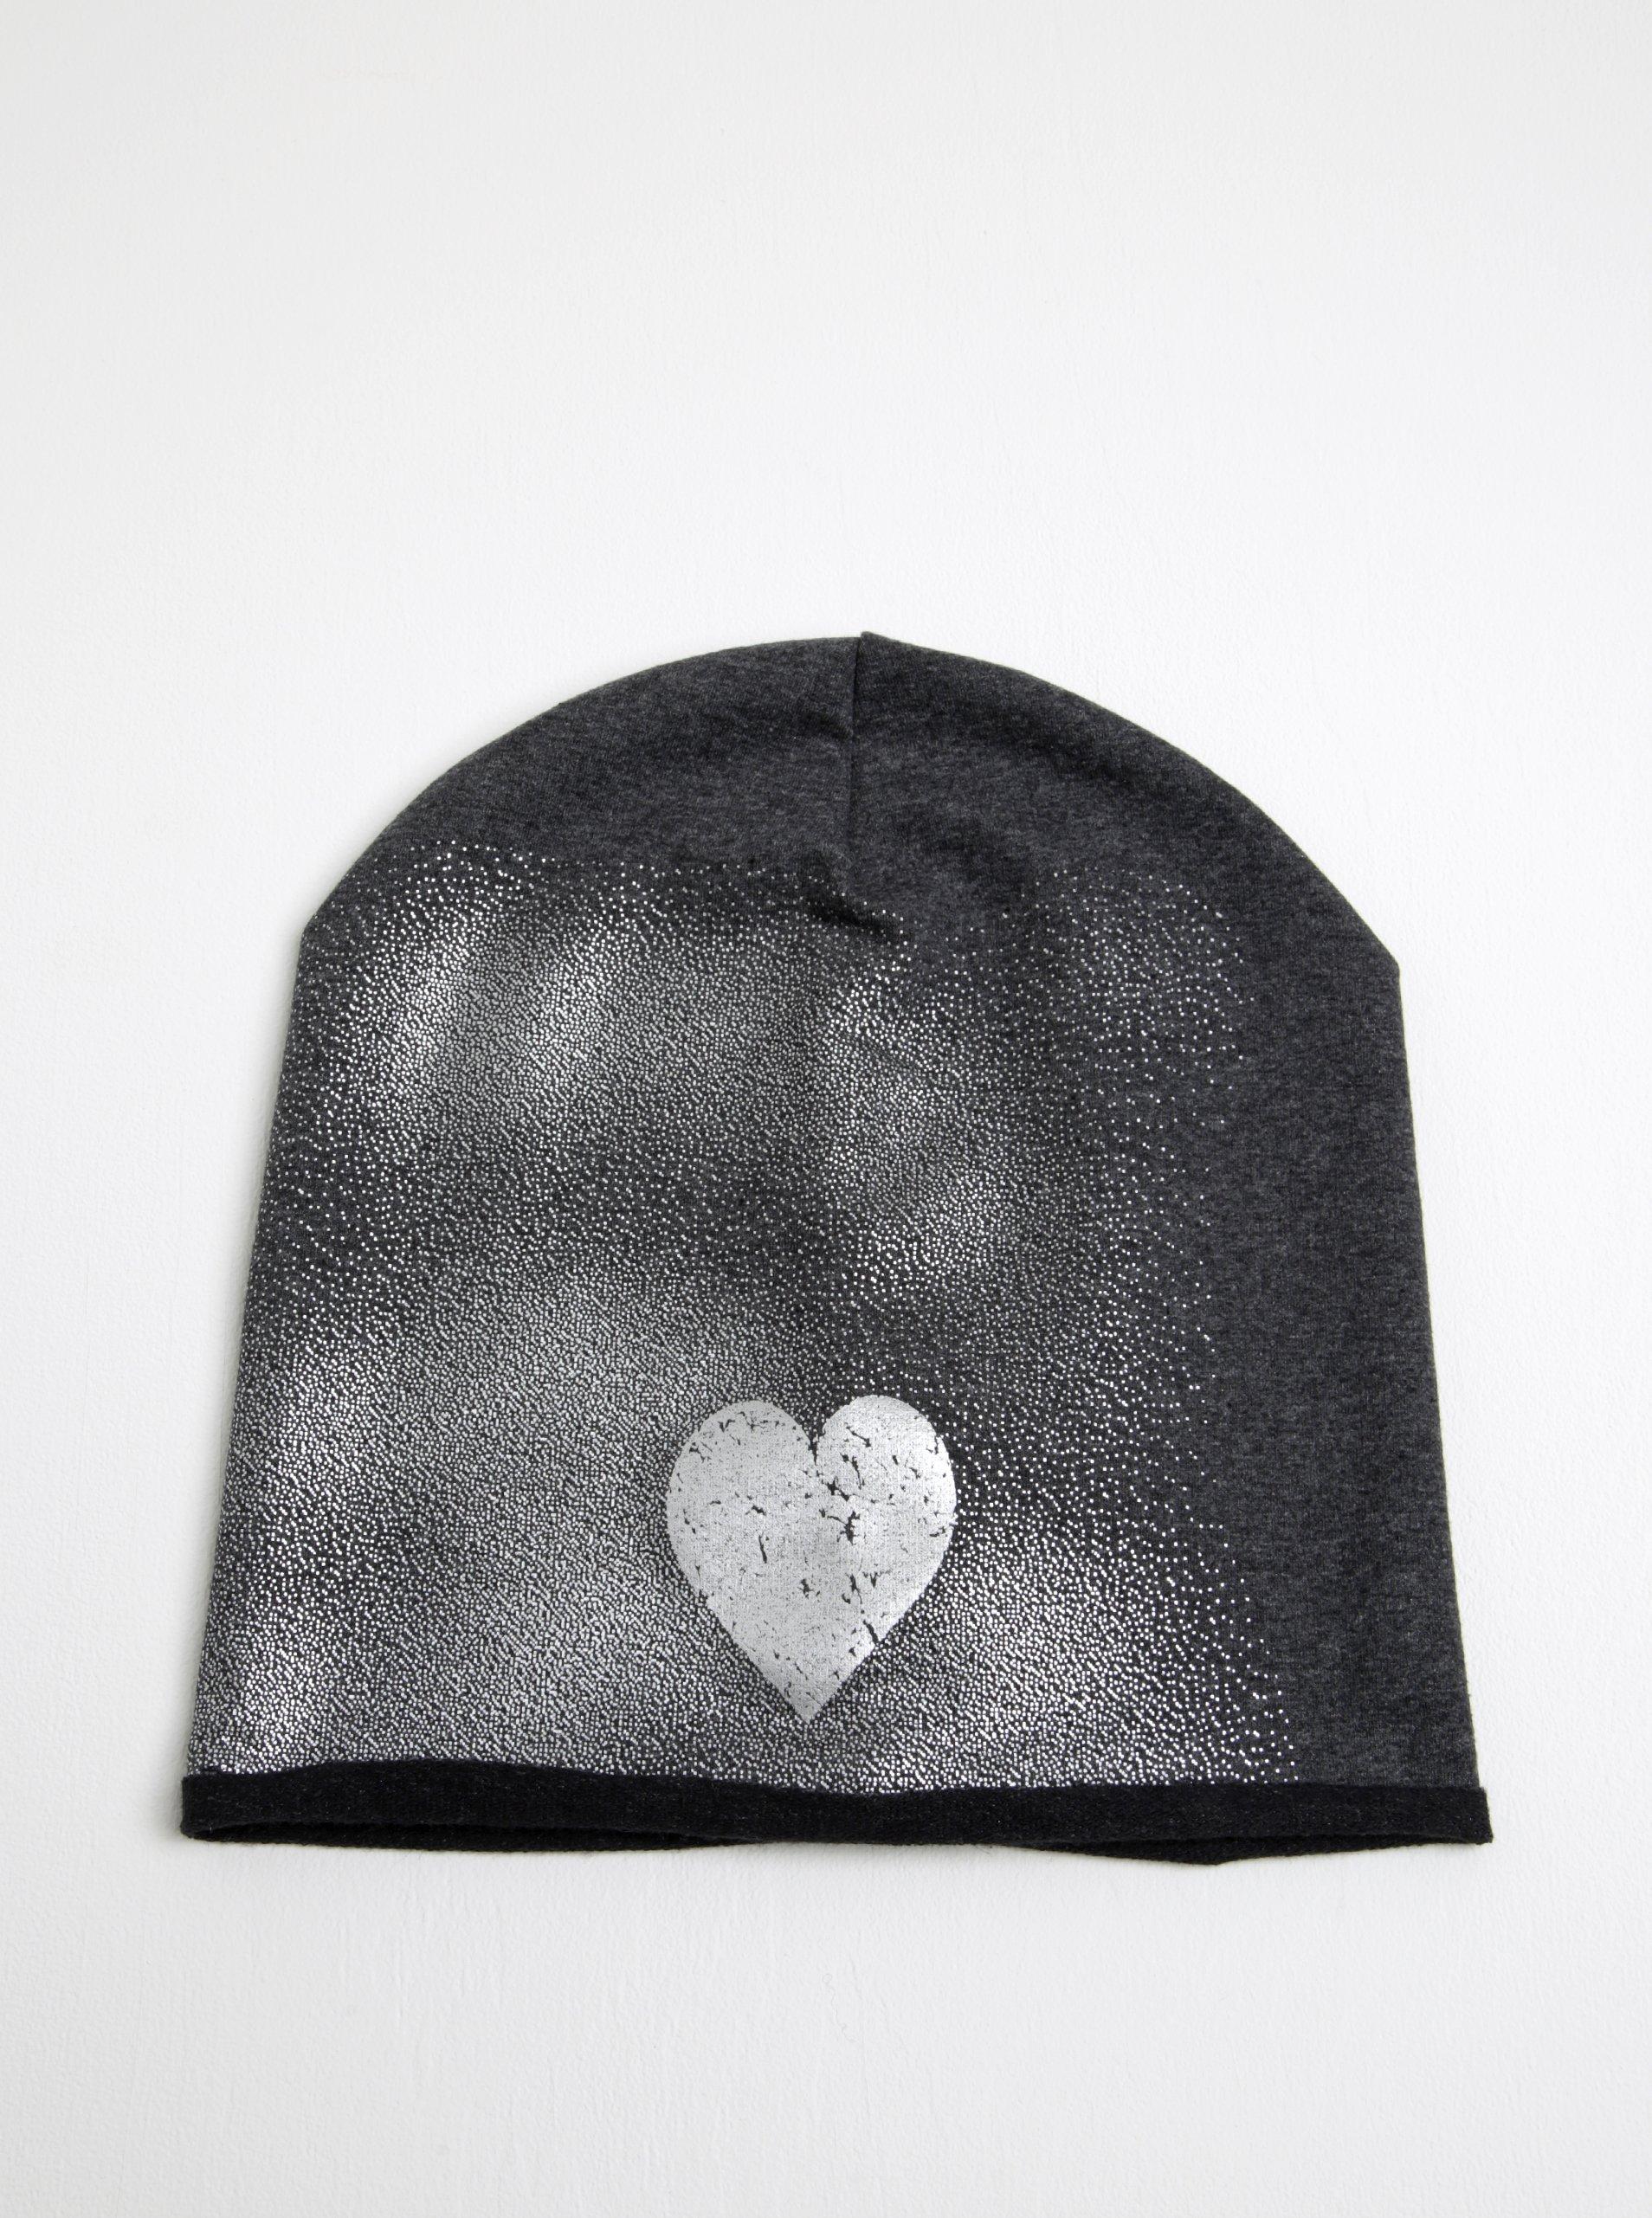 Tmavě šedá holčičí čepice s motivem srdce 5.10.15.